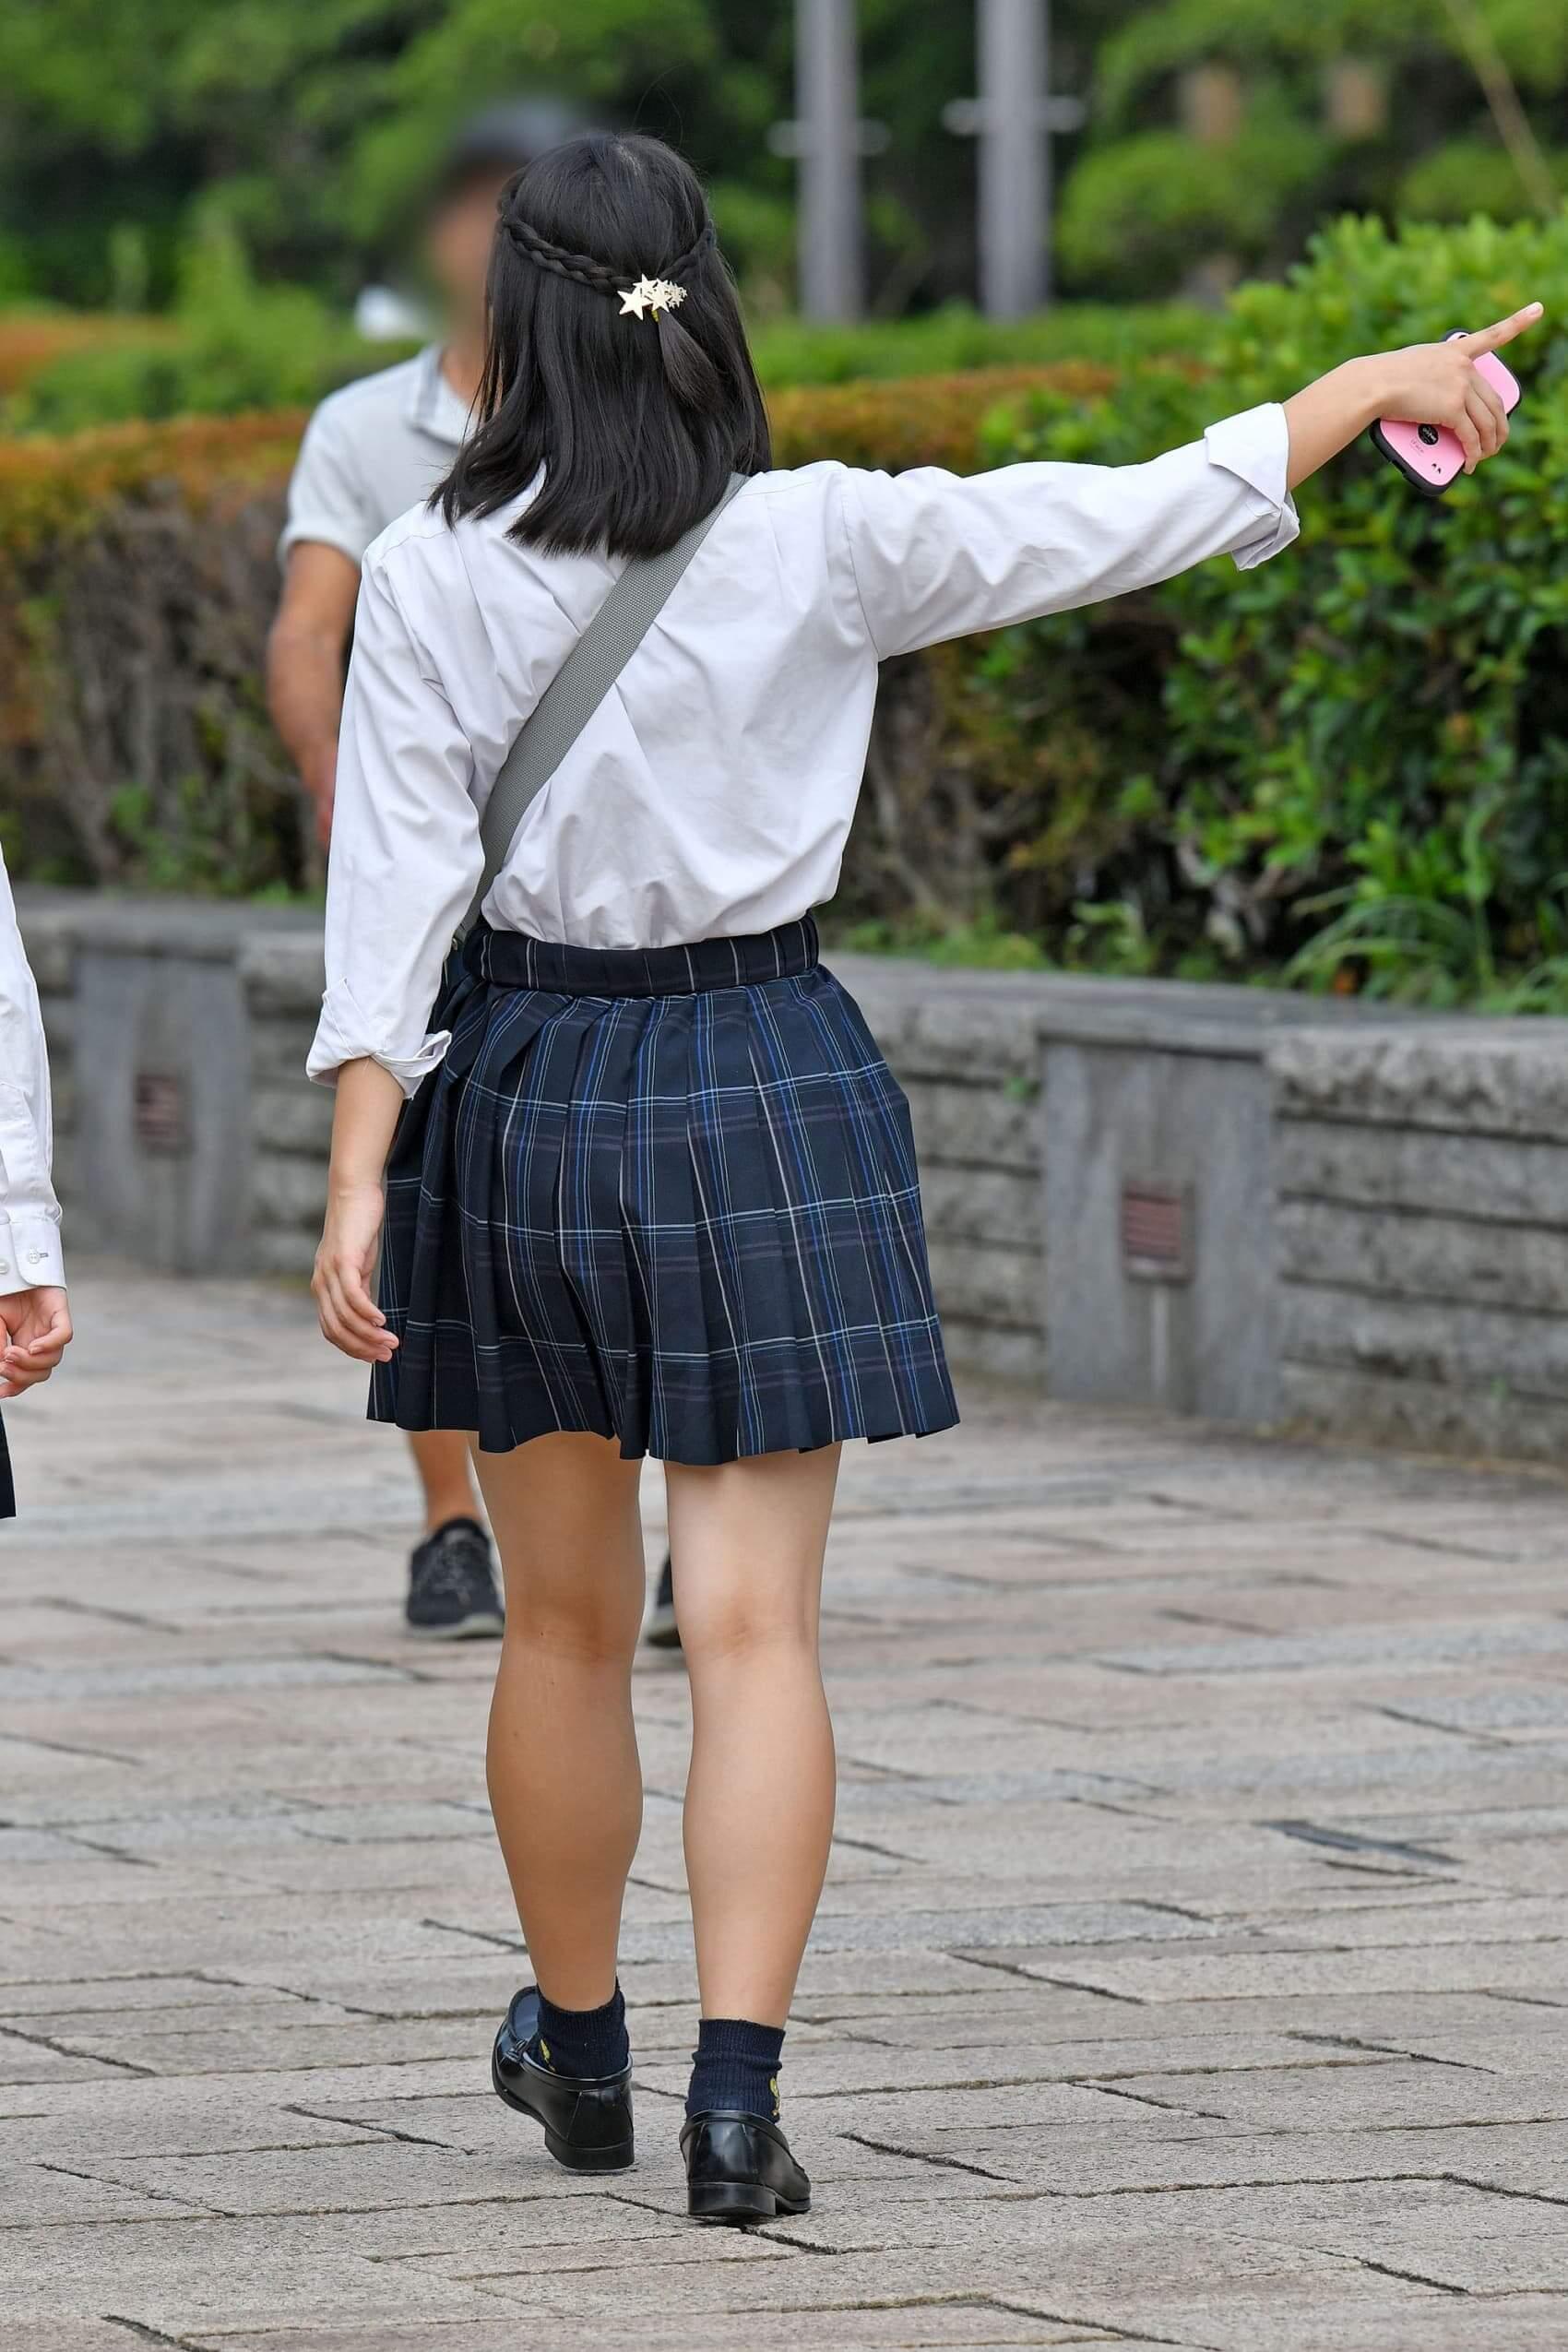 【画像】無防備な後ろ姿な女子高生を目の前にしても平常心でいような?